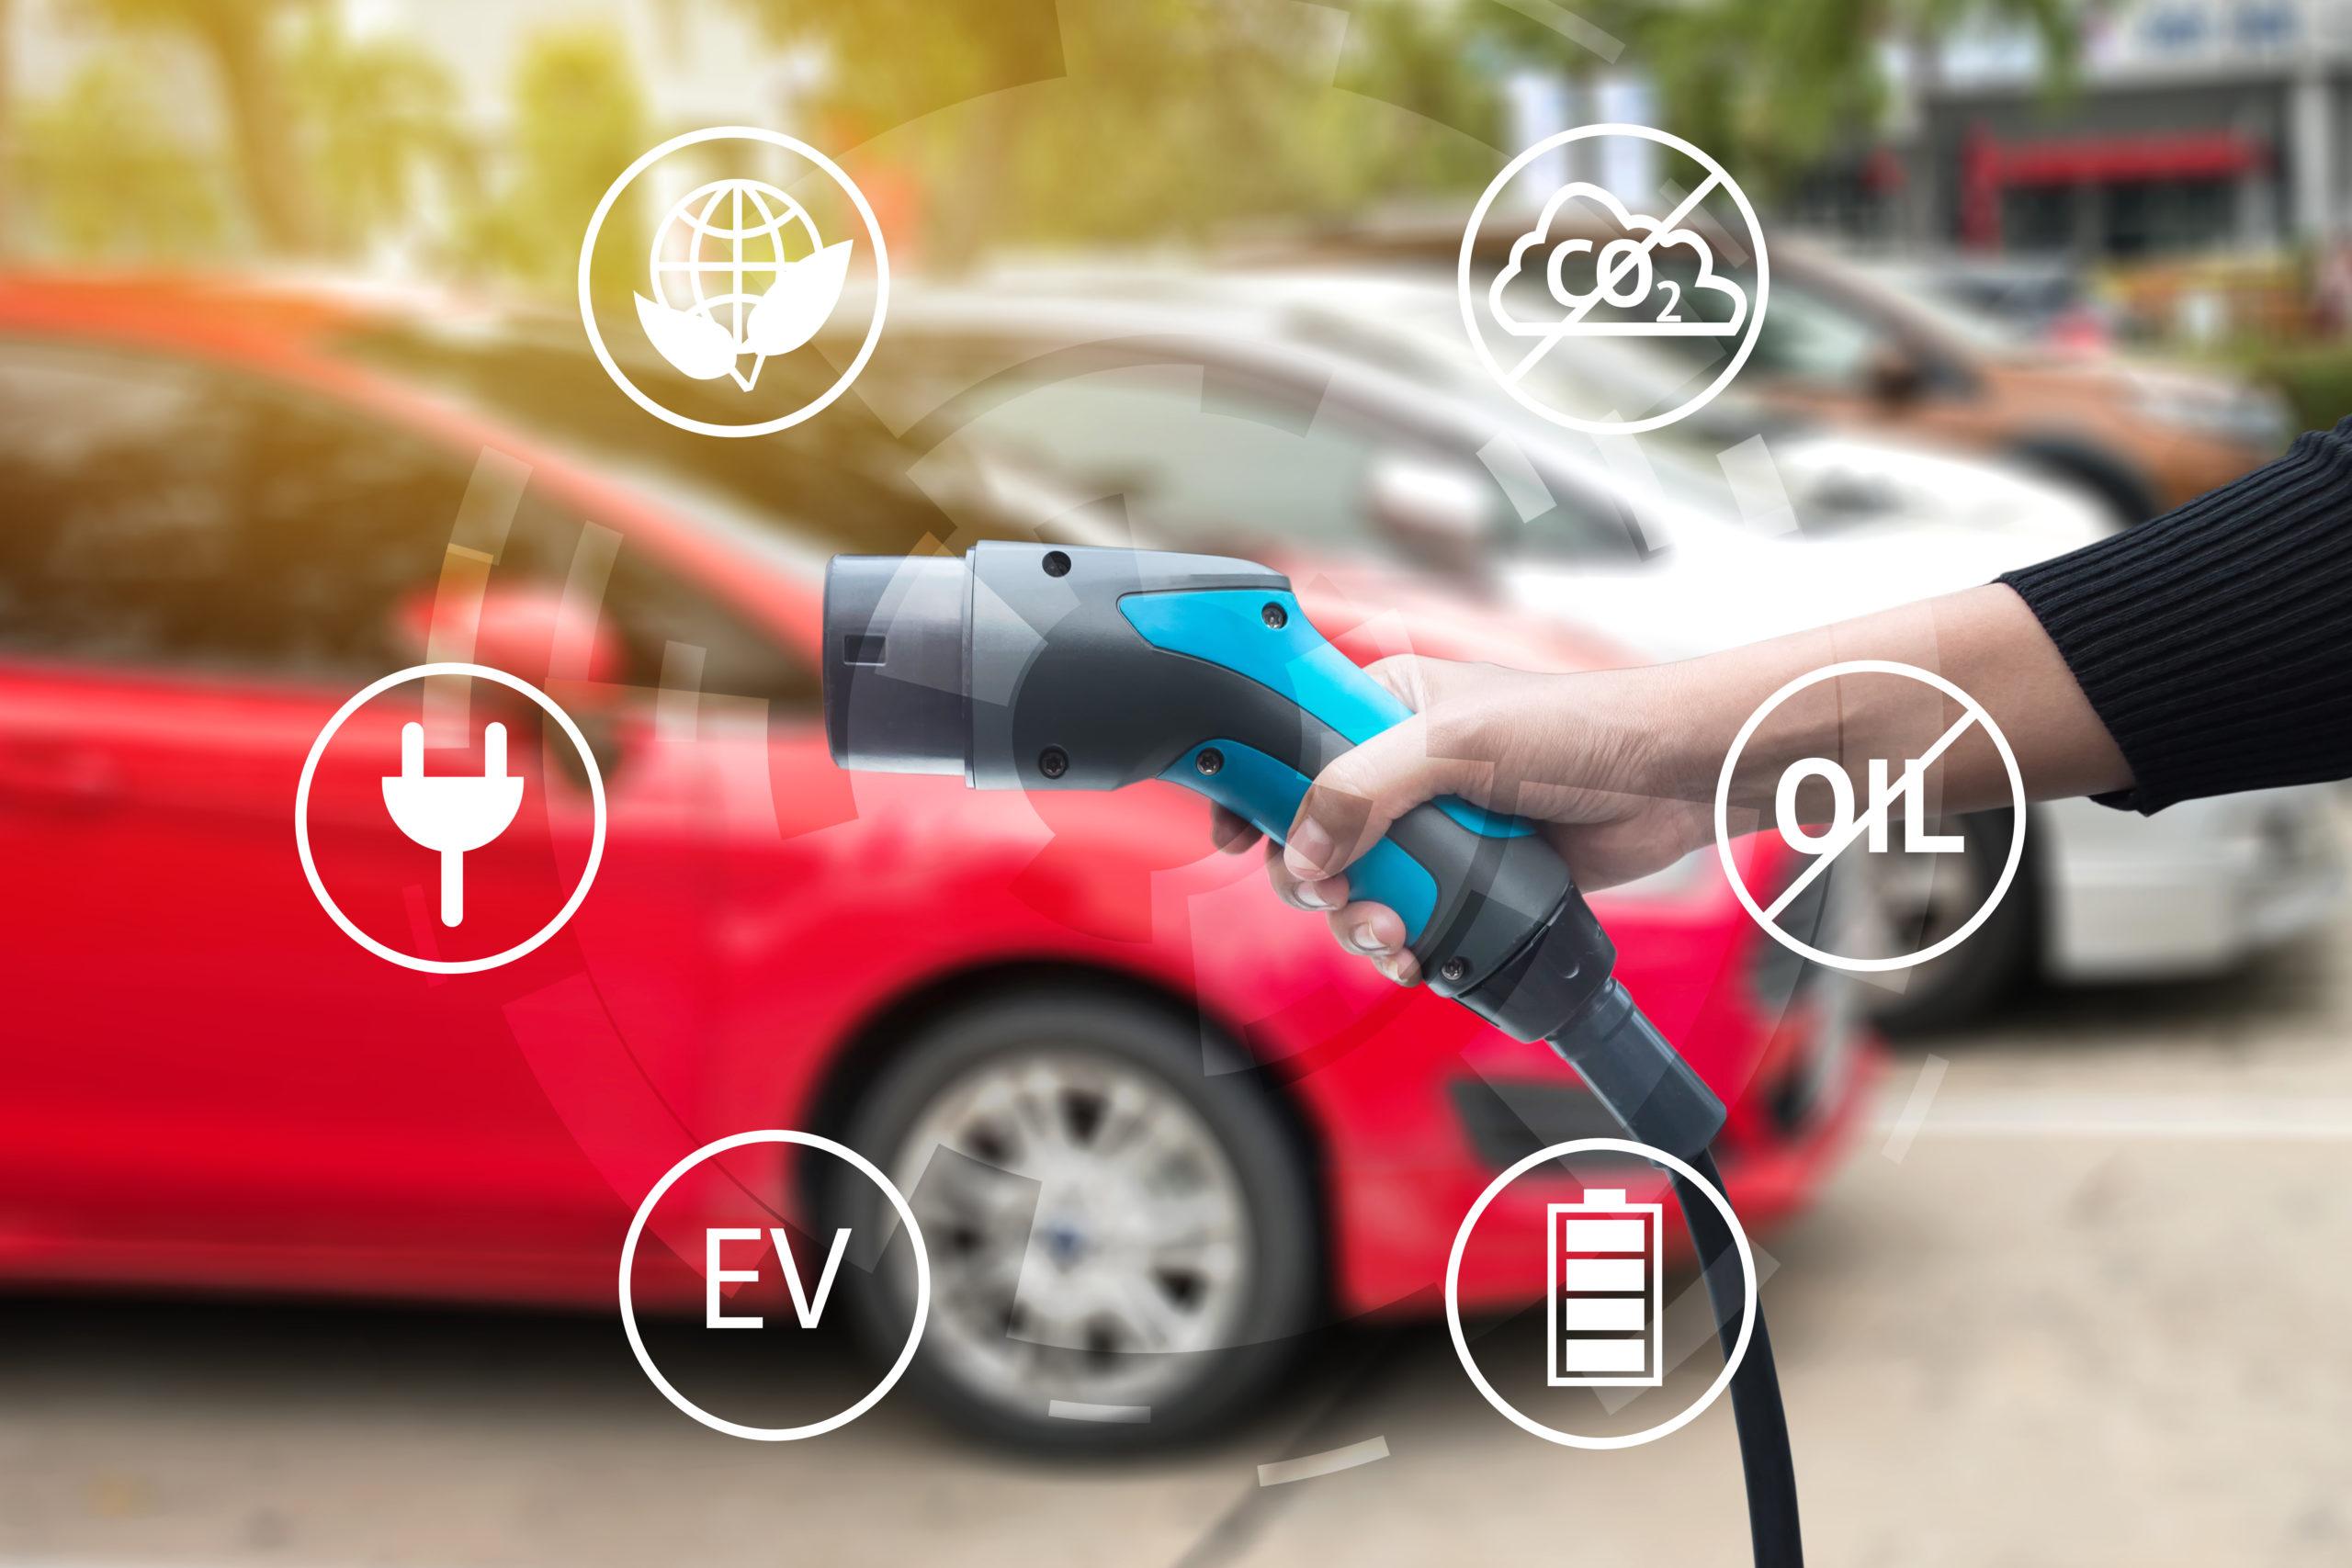 Джонсон Матти увеличит инвестиции в материалы электромобилей